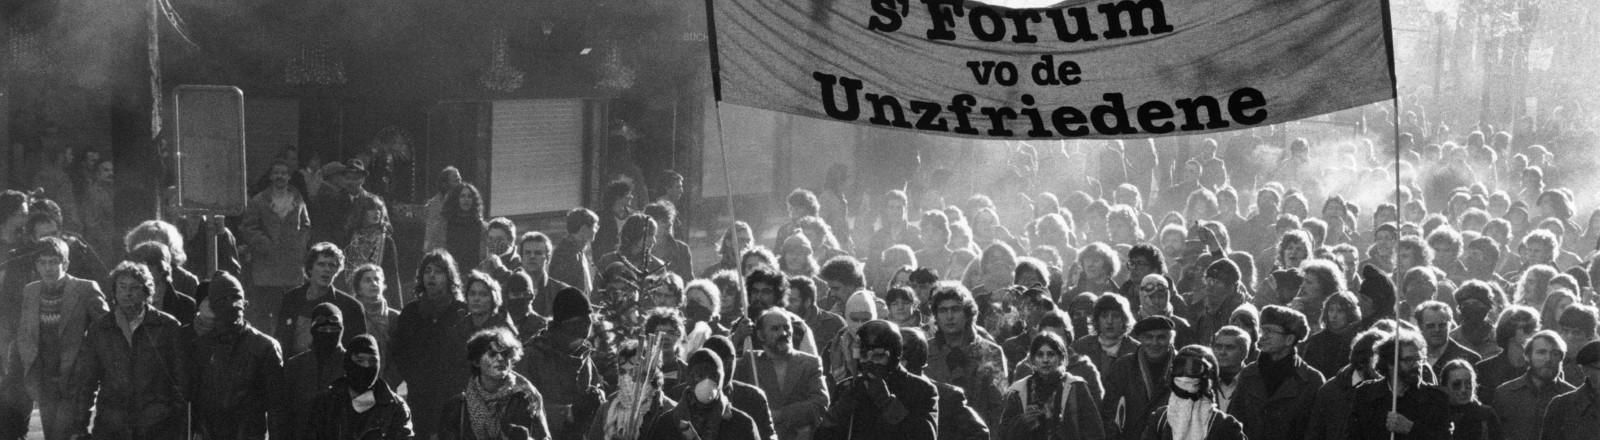 """Demonstration des """"Forums der Unzufriedenen"""" ('s Forum vo de Unzfriedene) auf der Bahnhofstraße im heissen Sommer 1980. Die Jugendunruhen in Zürich begannen am 30. Mai 1980 mit Protesten gegen die Subventionierung des Opernhauses, da Millionen für die etablierte, aber wenig für alternative Kultur ausgegeben werden."""